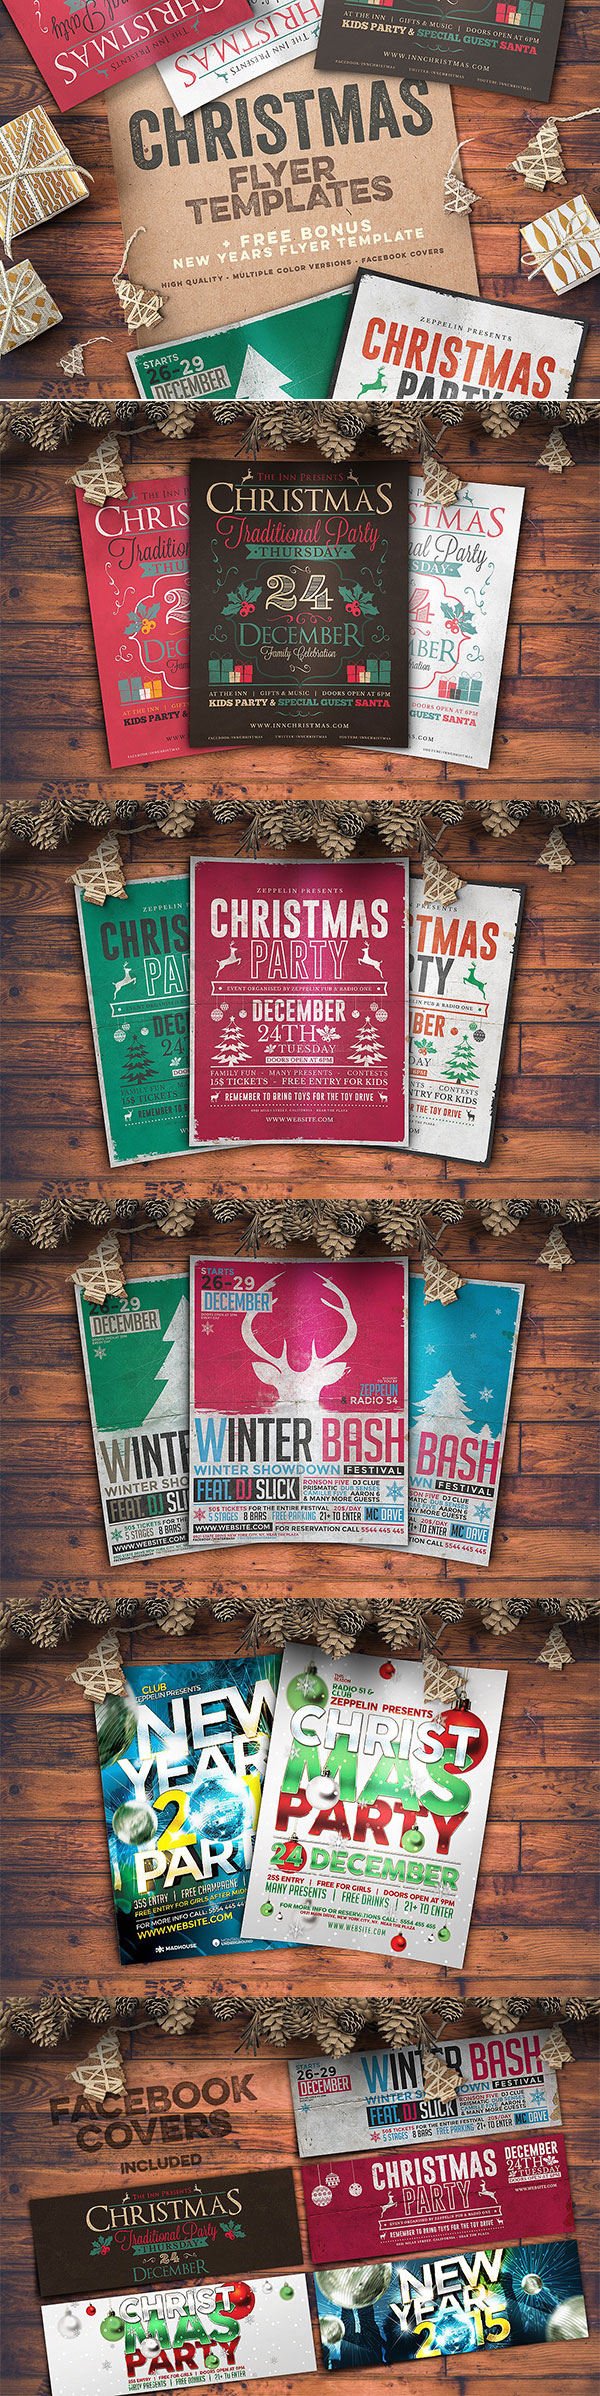 精美圣诞节海报